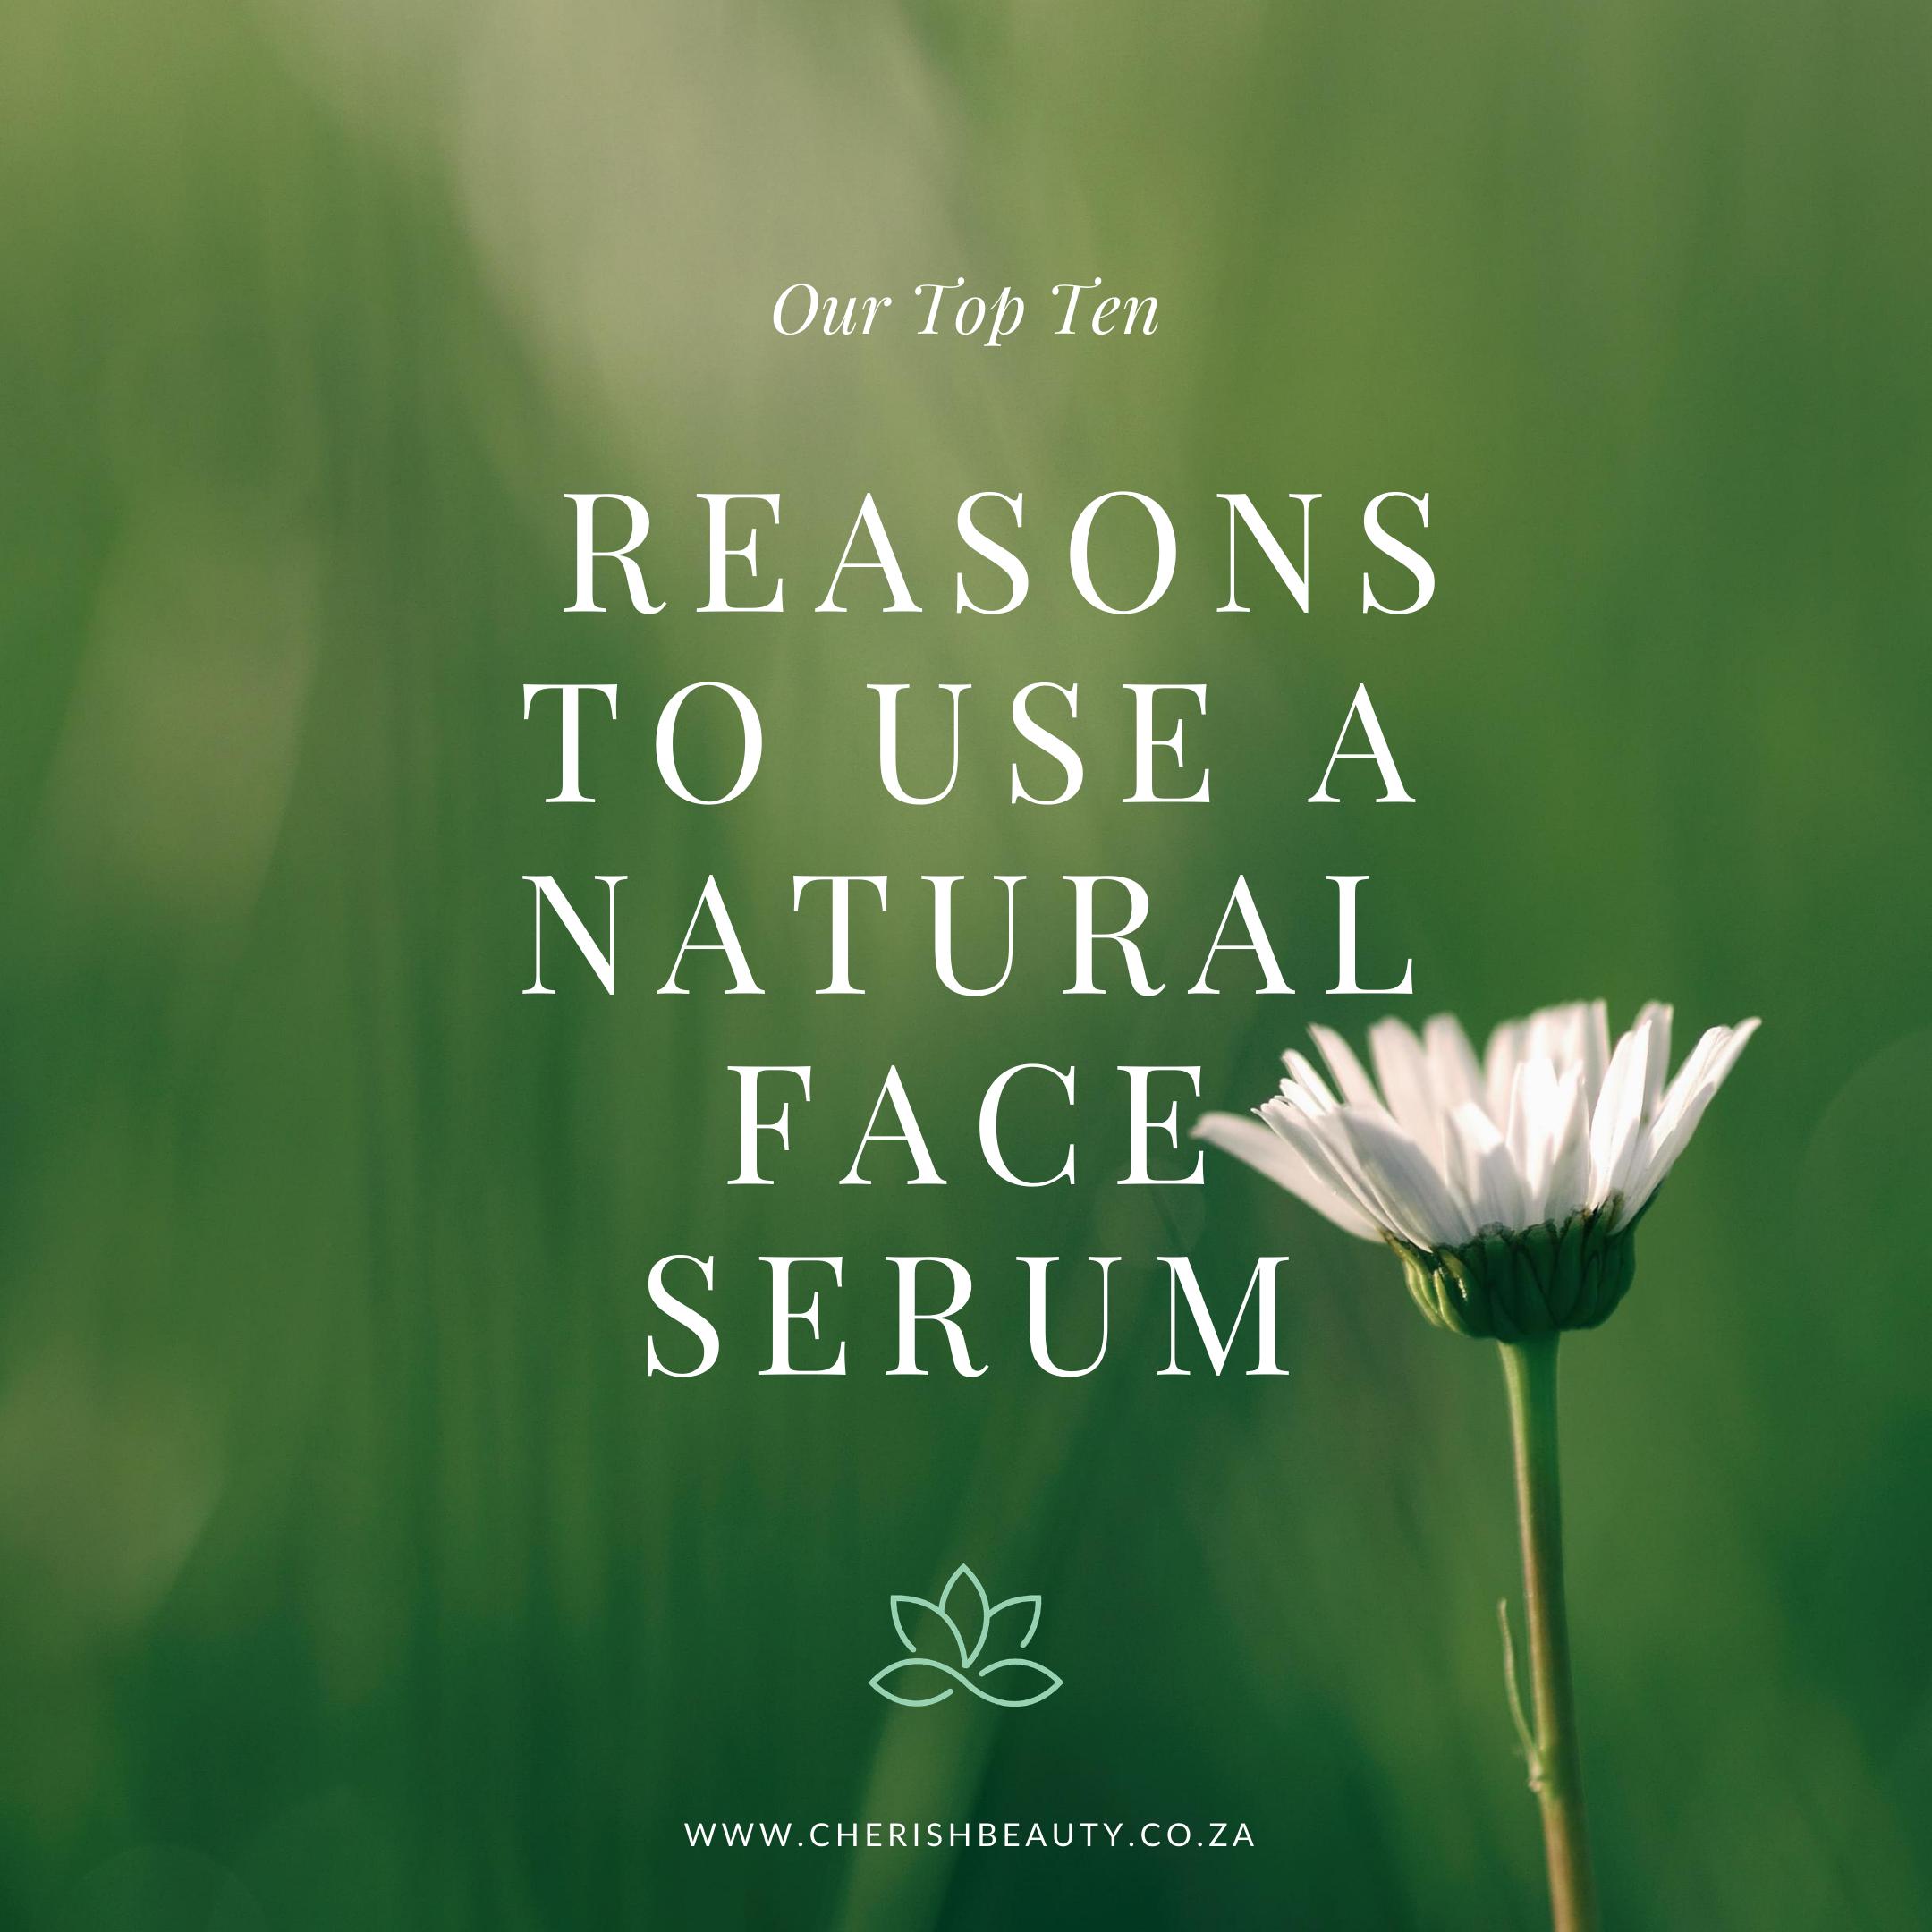 Reasons to use natural face serum